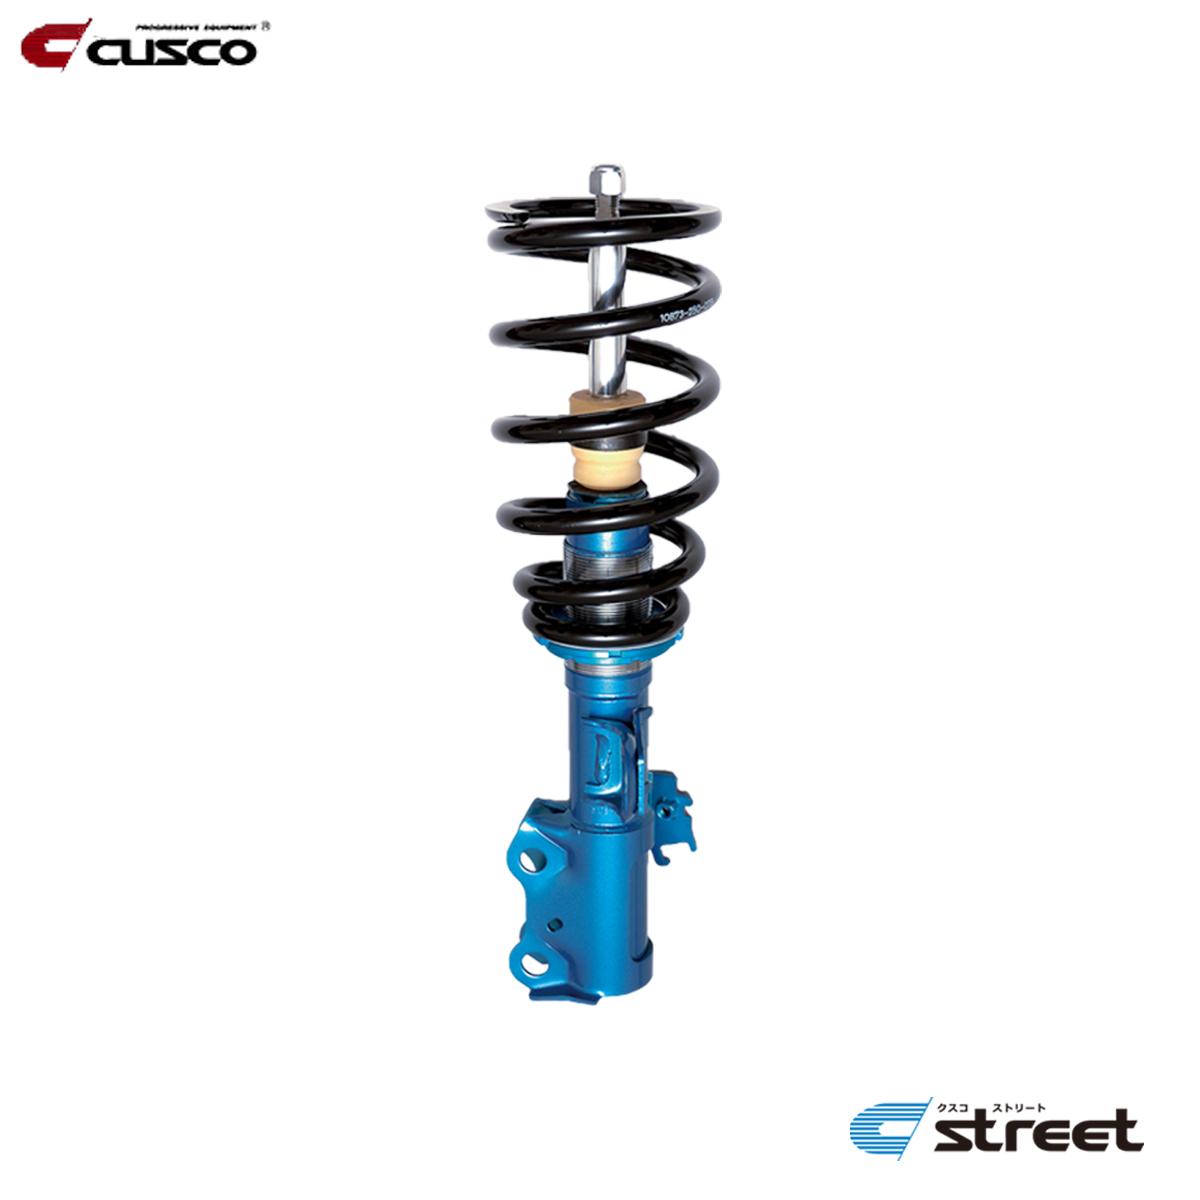 CUSCO クスコ エスティマ ACR MCR40W 車高調 全長固定式 813-62K-CBA ストリート ゼロA STREET ZERO A